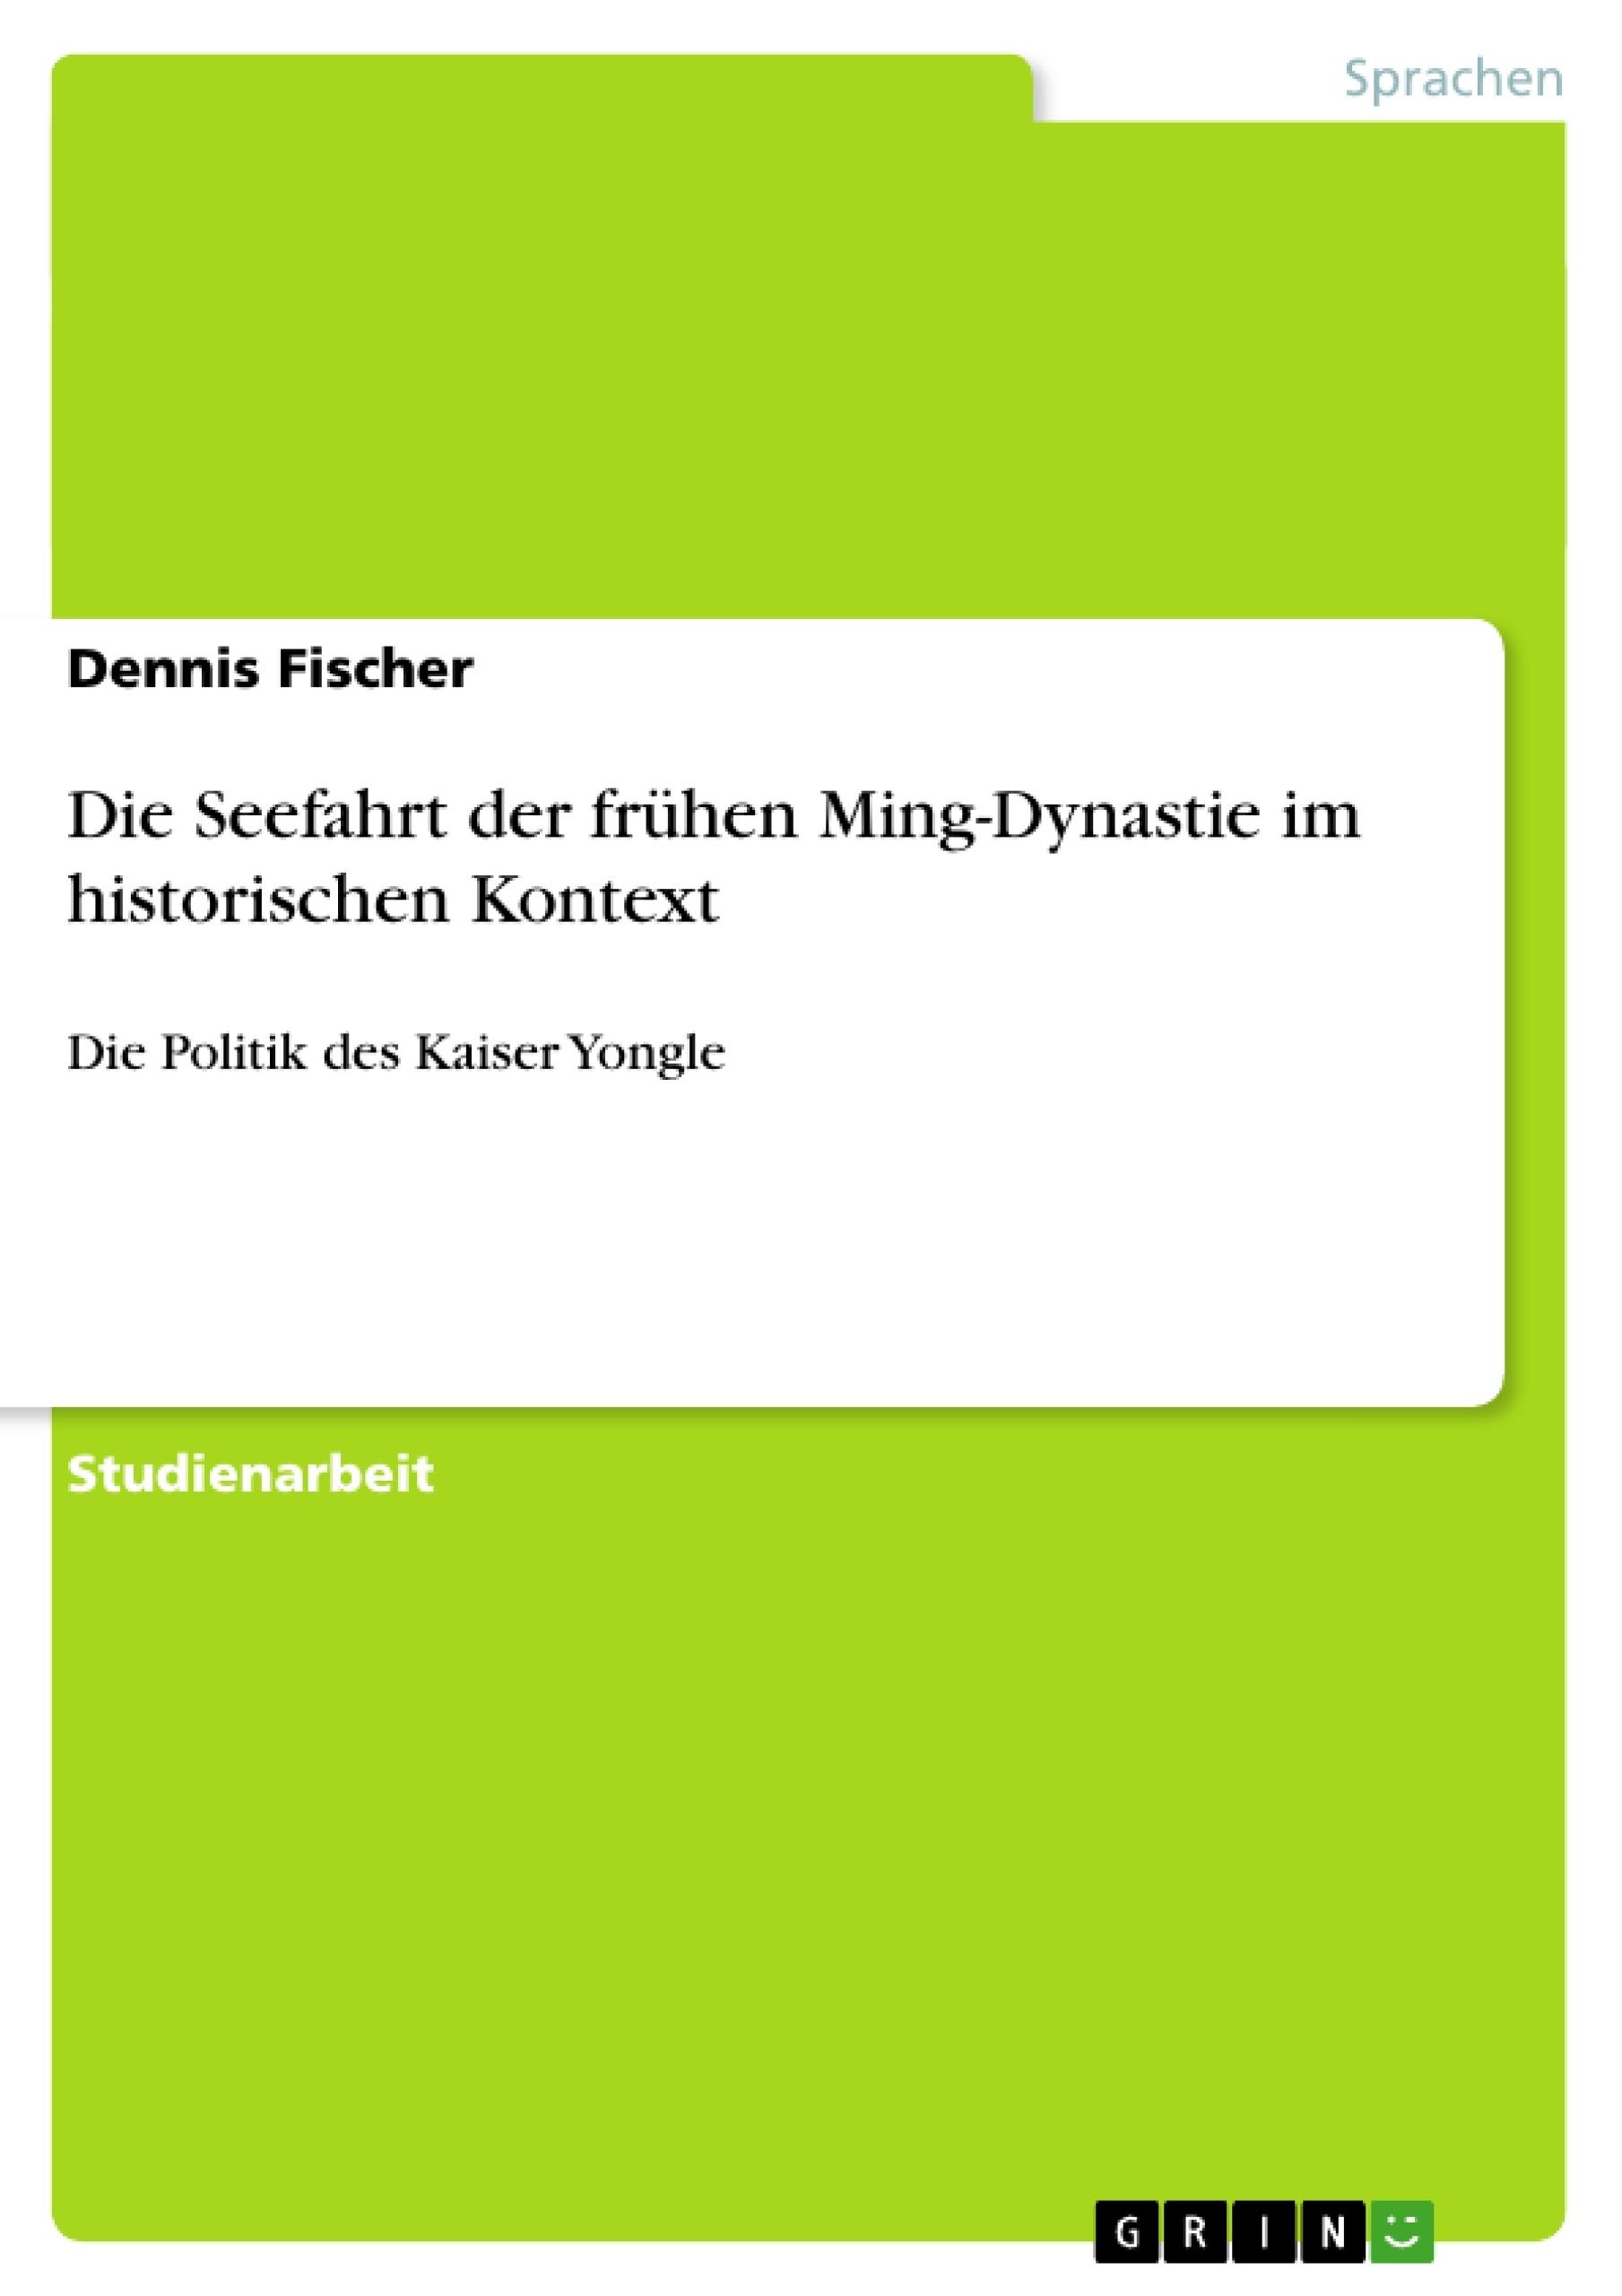 Titel: Die Seefahrt der frühen Ming-Dynastie im historischen Kontext